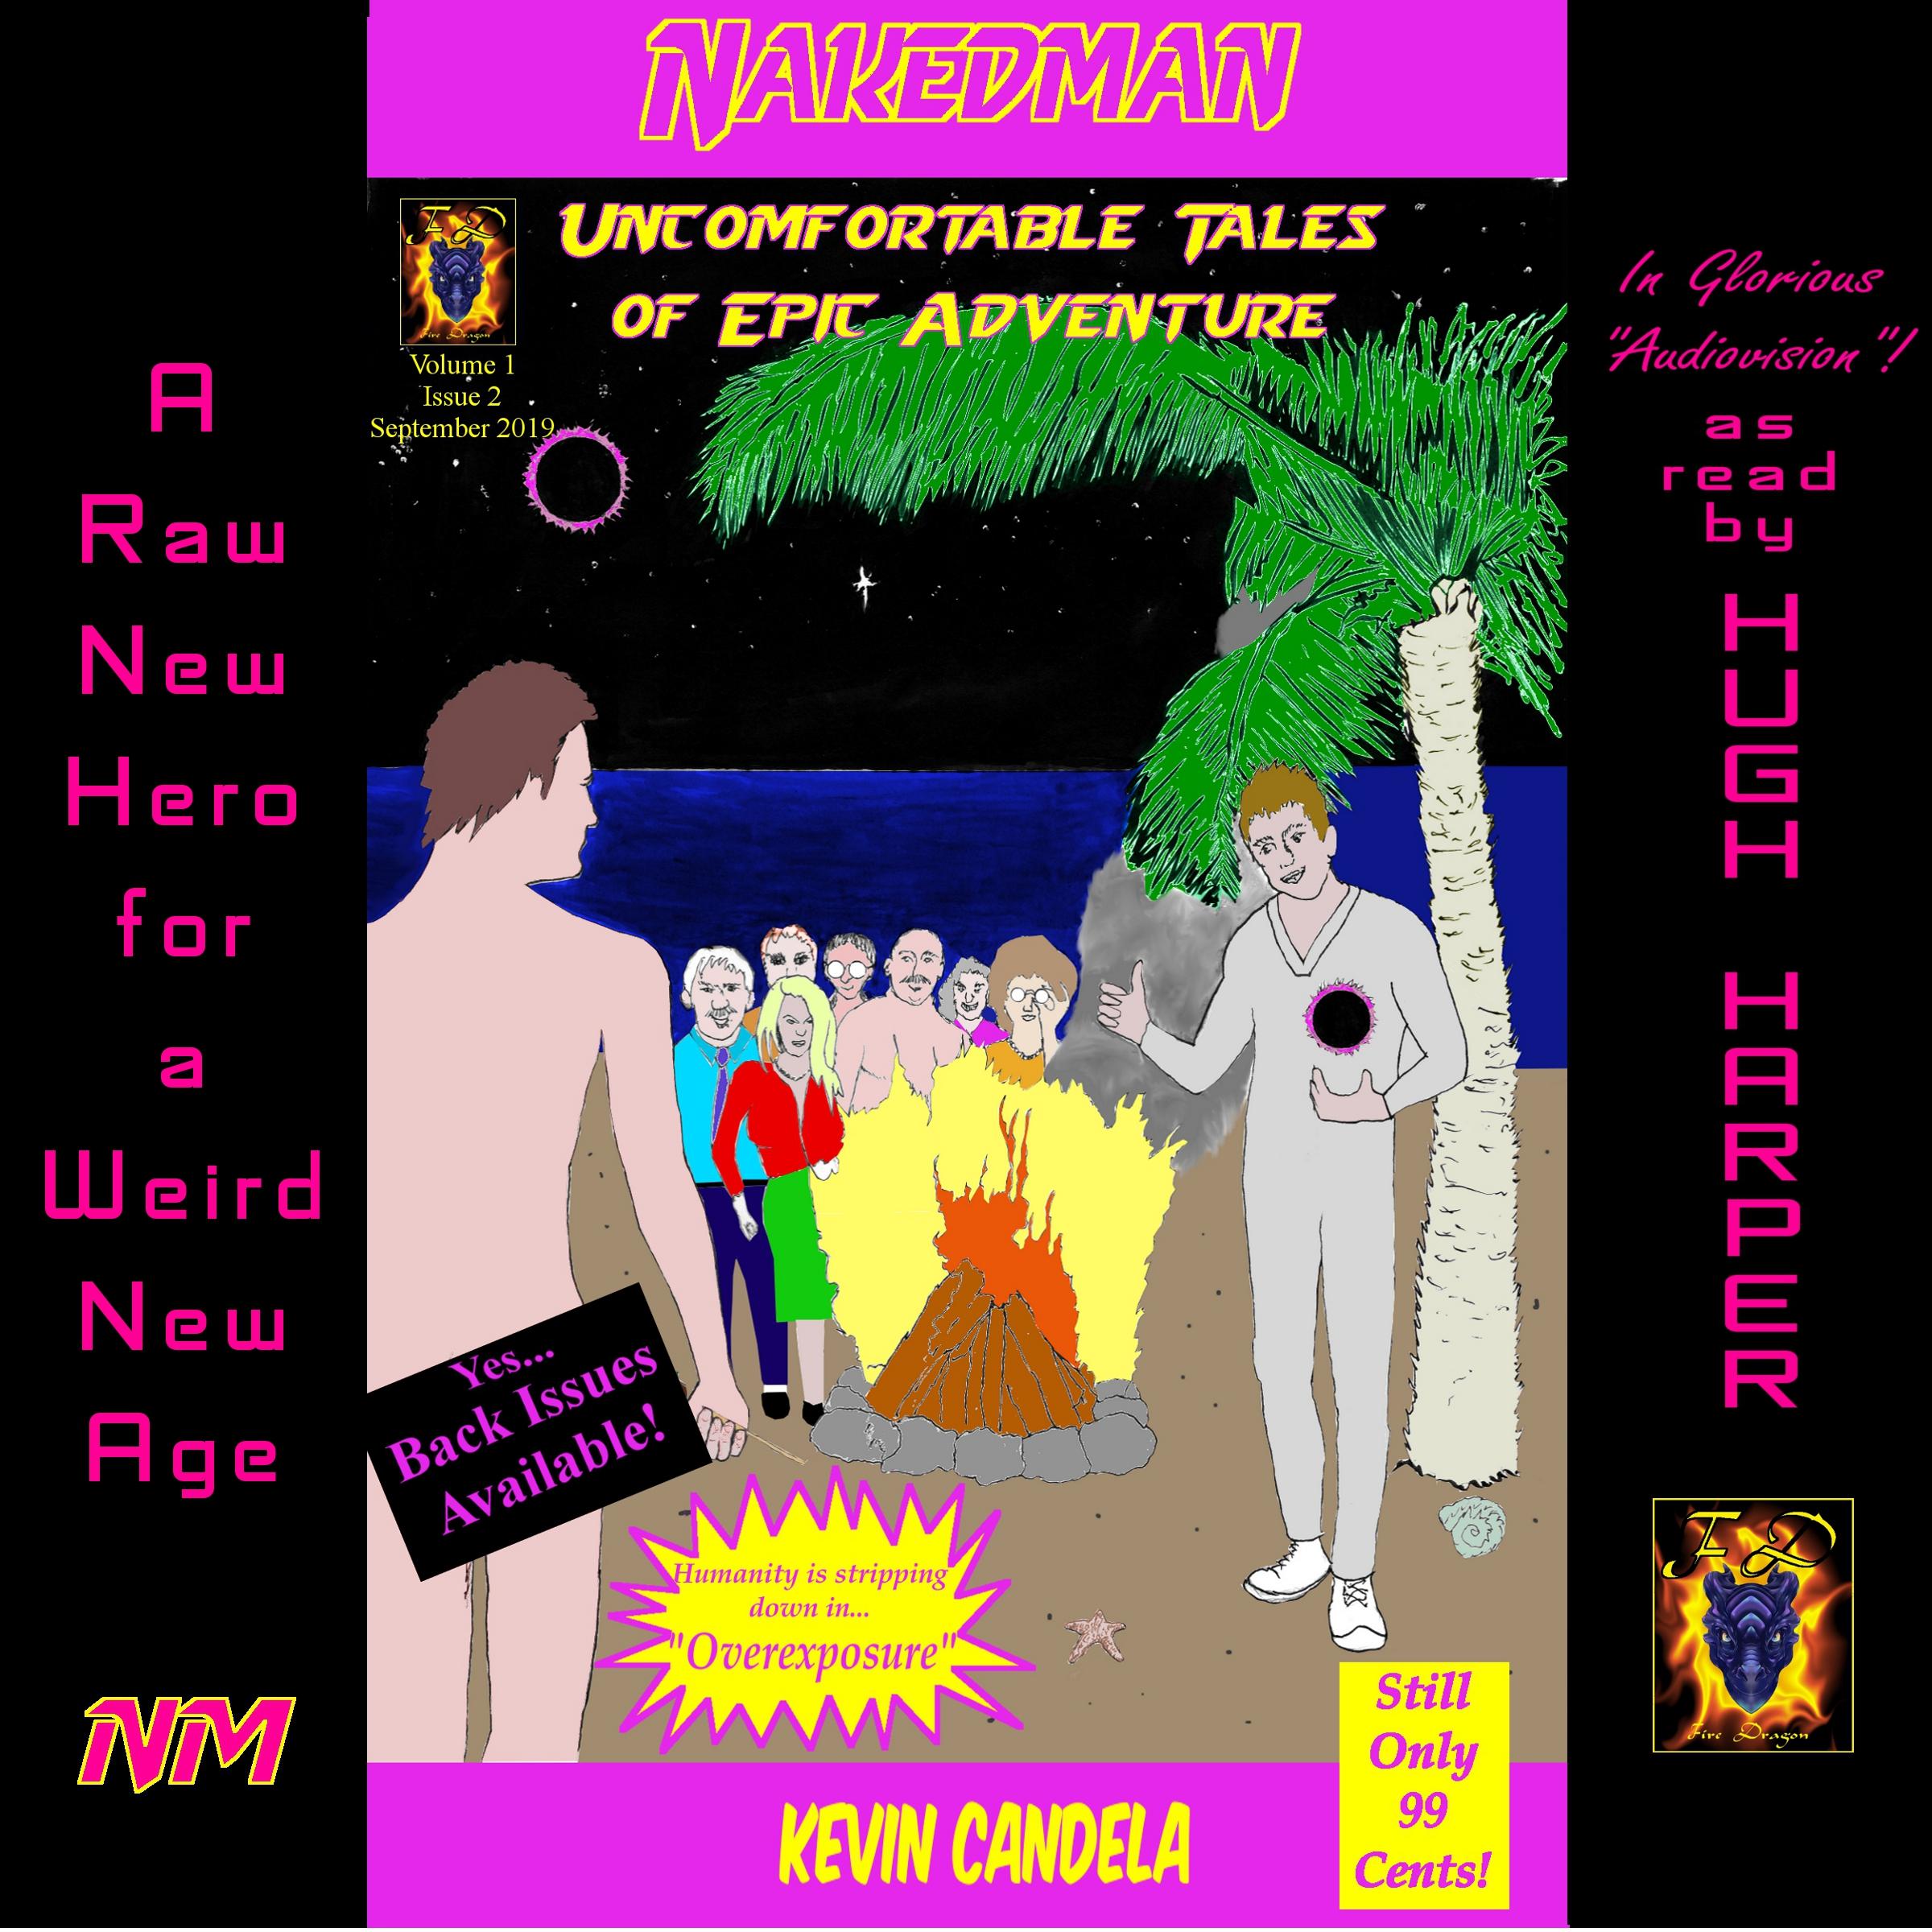 Nakedman Overexposure Cover for ACX.jpg